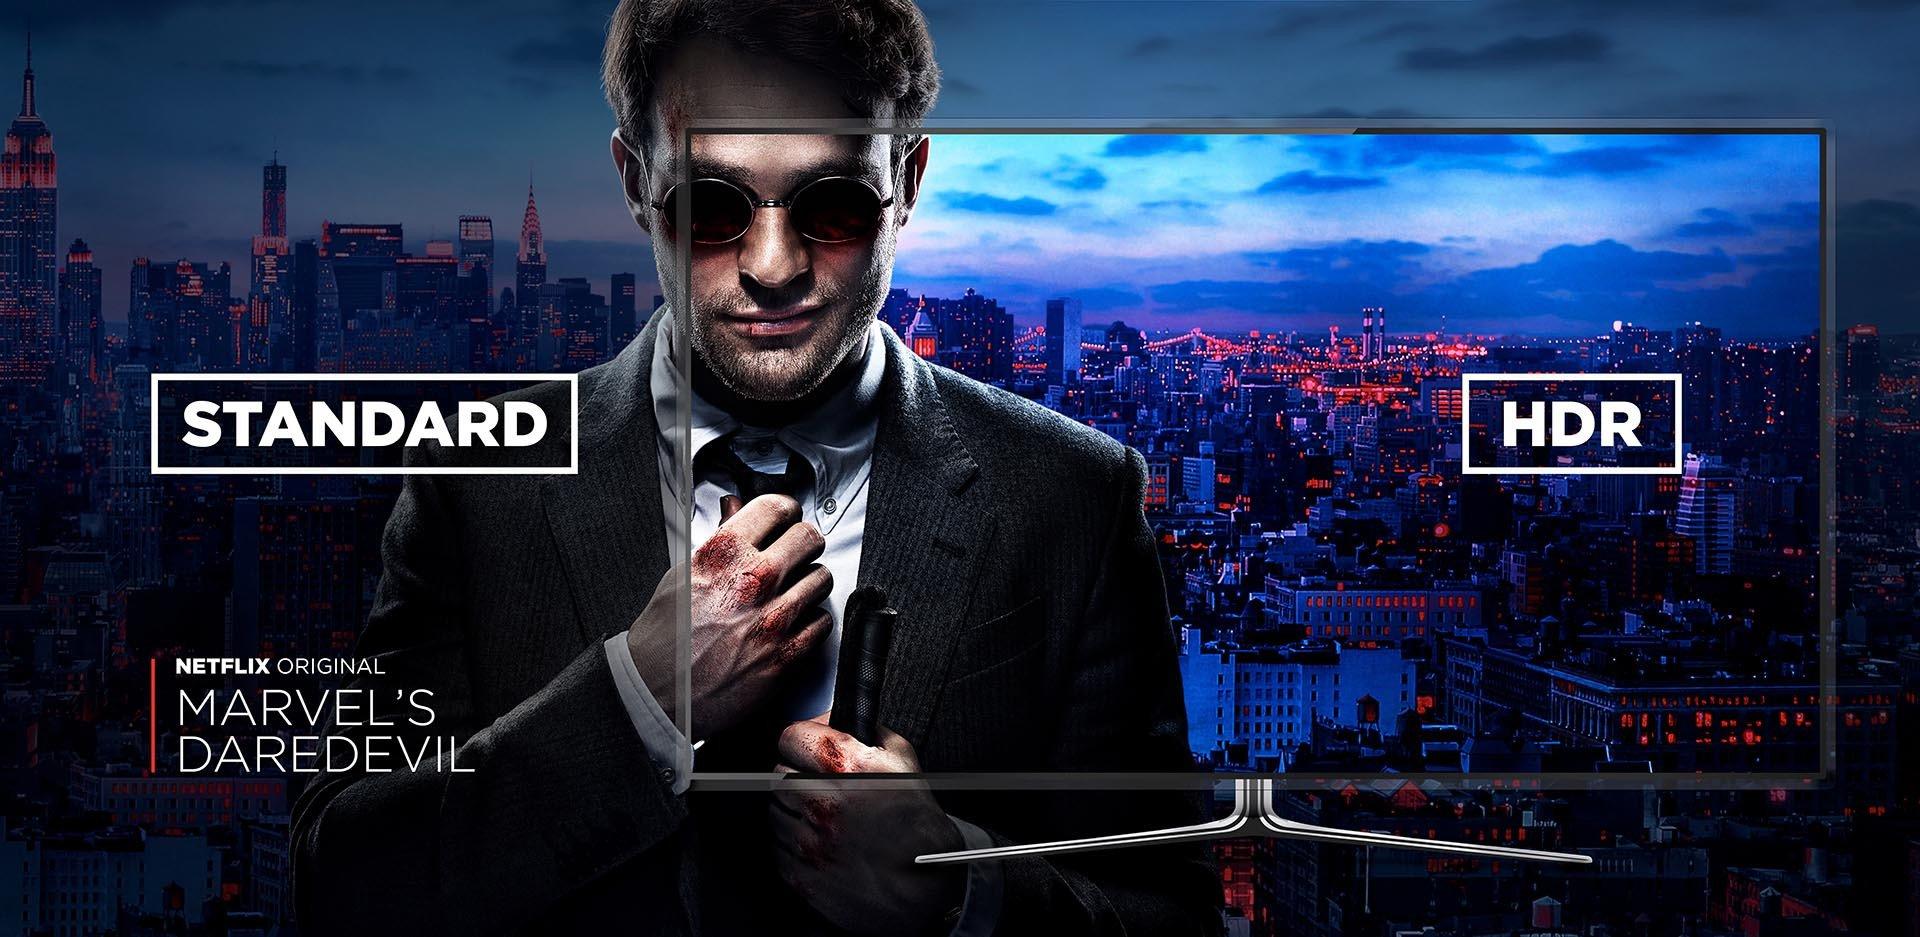 Netflix et HDR : liste des smartphones et tablettes compatibles